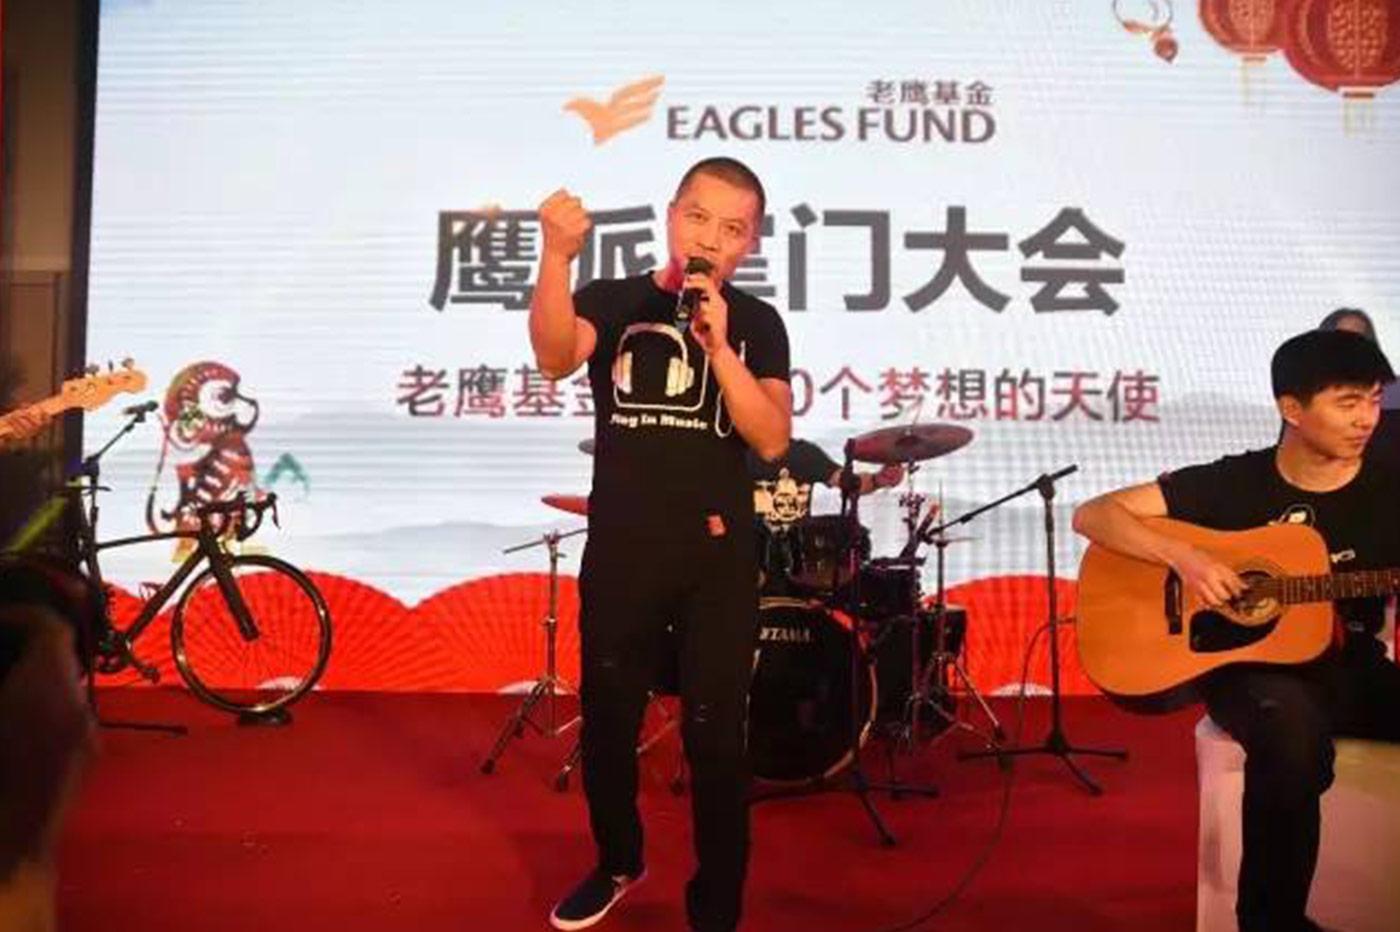 刘小鹰是赢得「中国2015最活跃天使投资人」称誉的唯一港人<em>(受访者提供)</em>